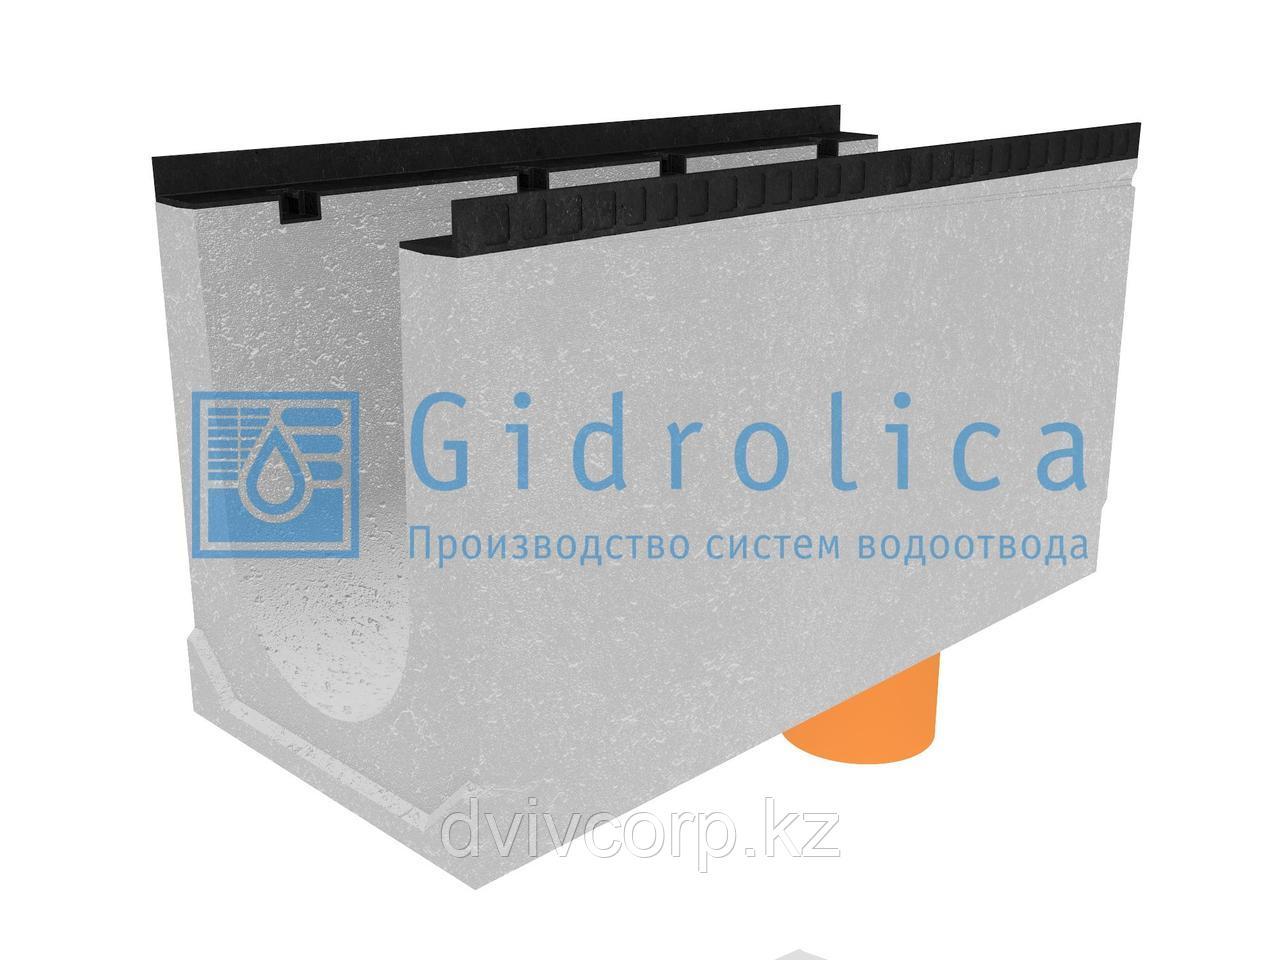 Лоток водоотводный бетонный коробчатый (СО-300мм), с водосливом КUв 100.44(30).55(48) - BGМ, № 20-0